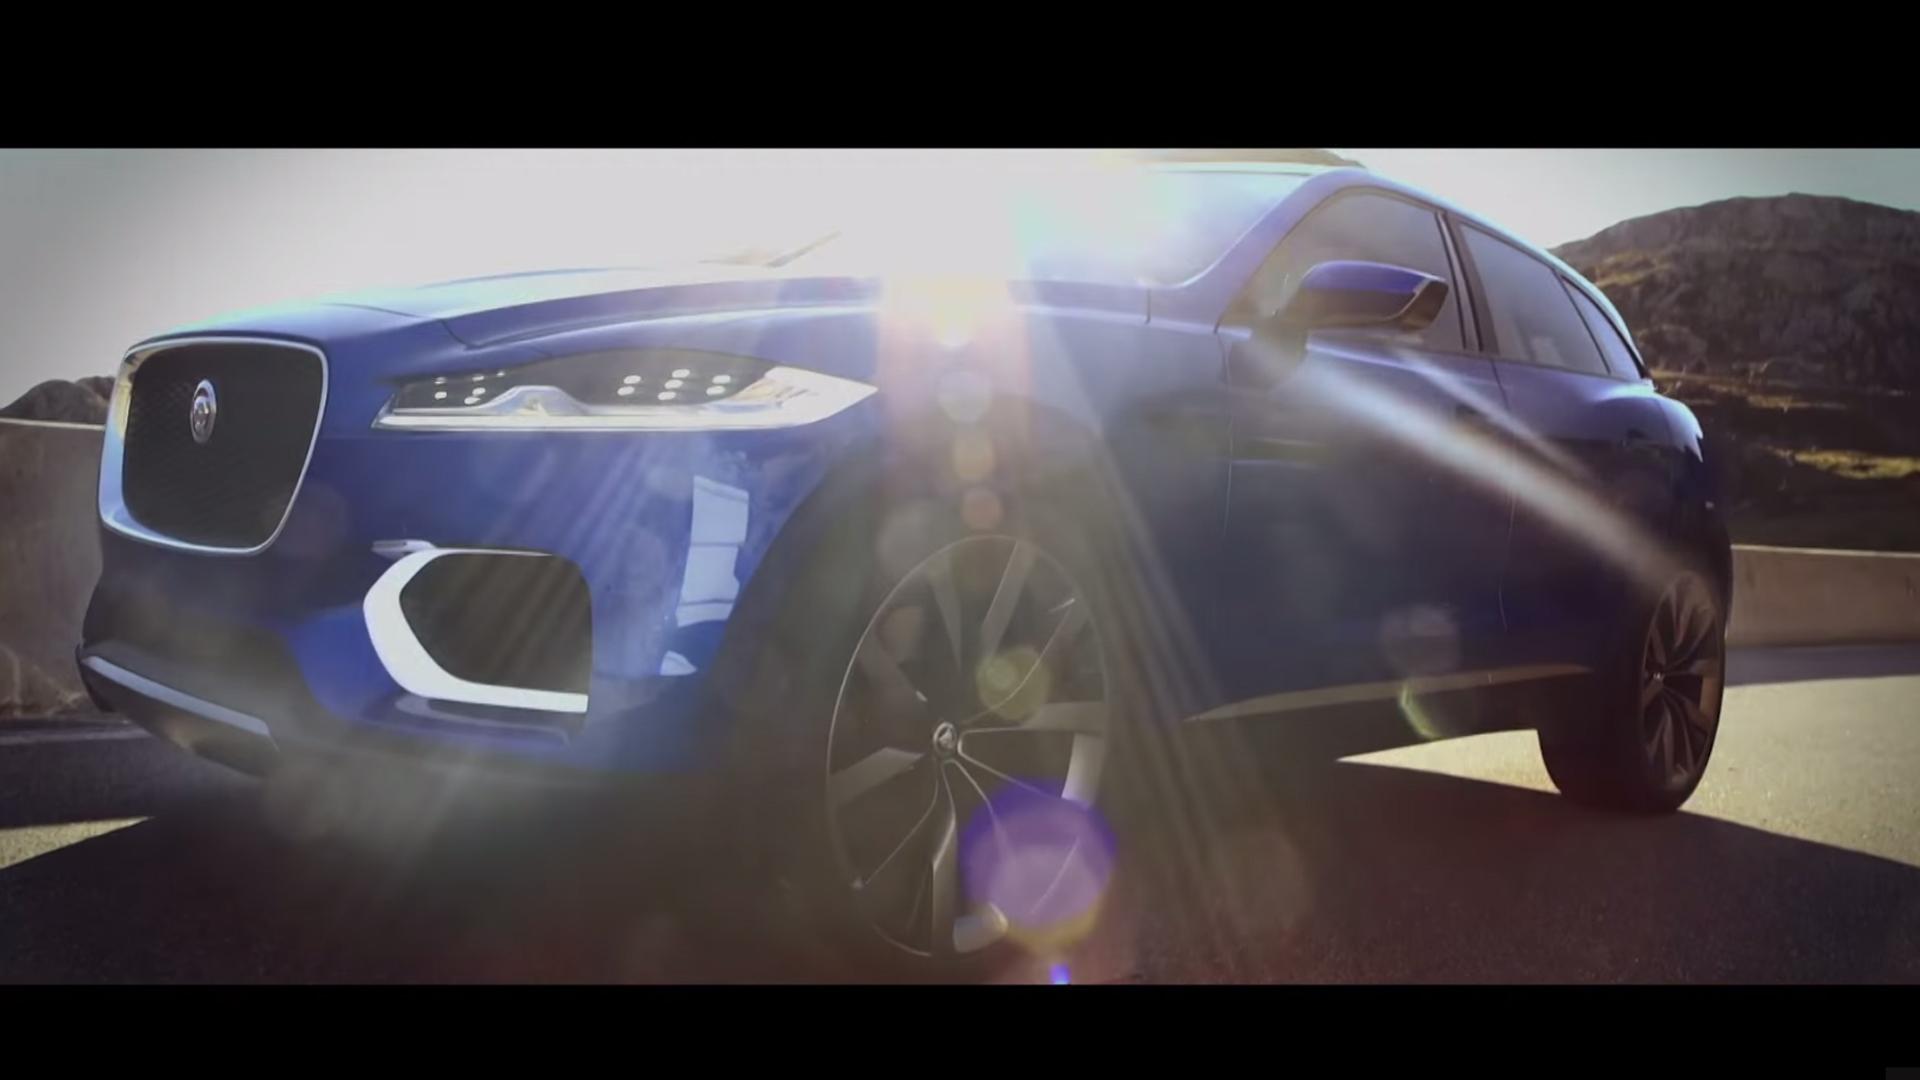 Jaguar F-PACE - profil avant / front side-face - teaser